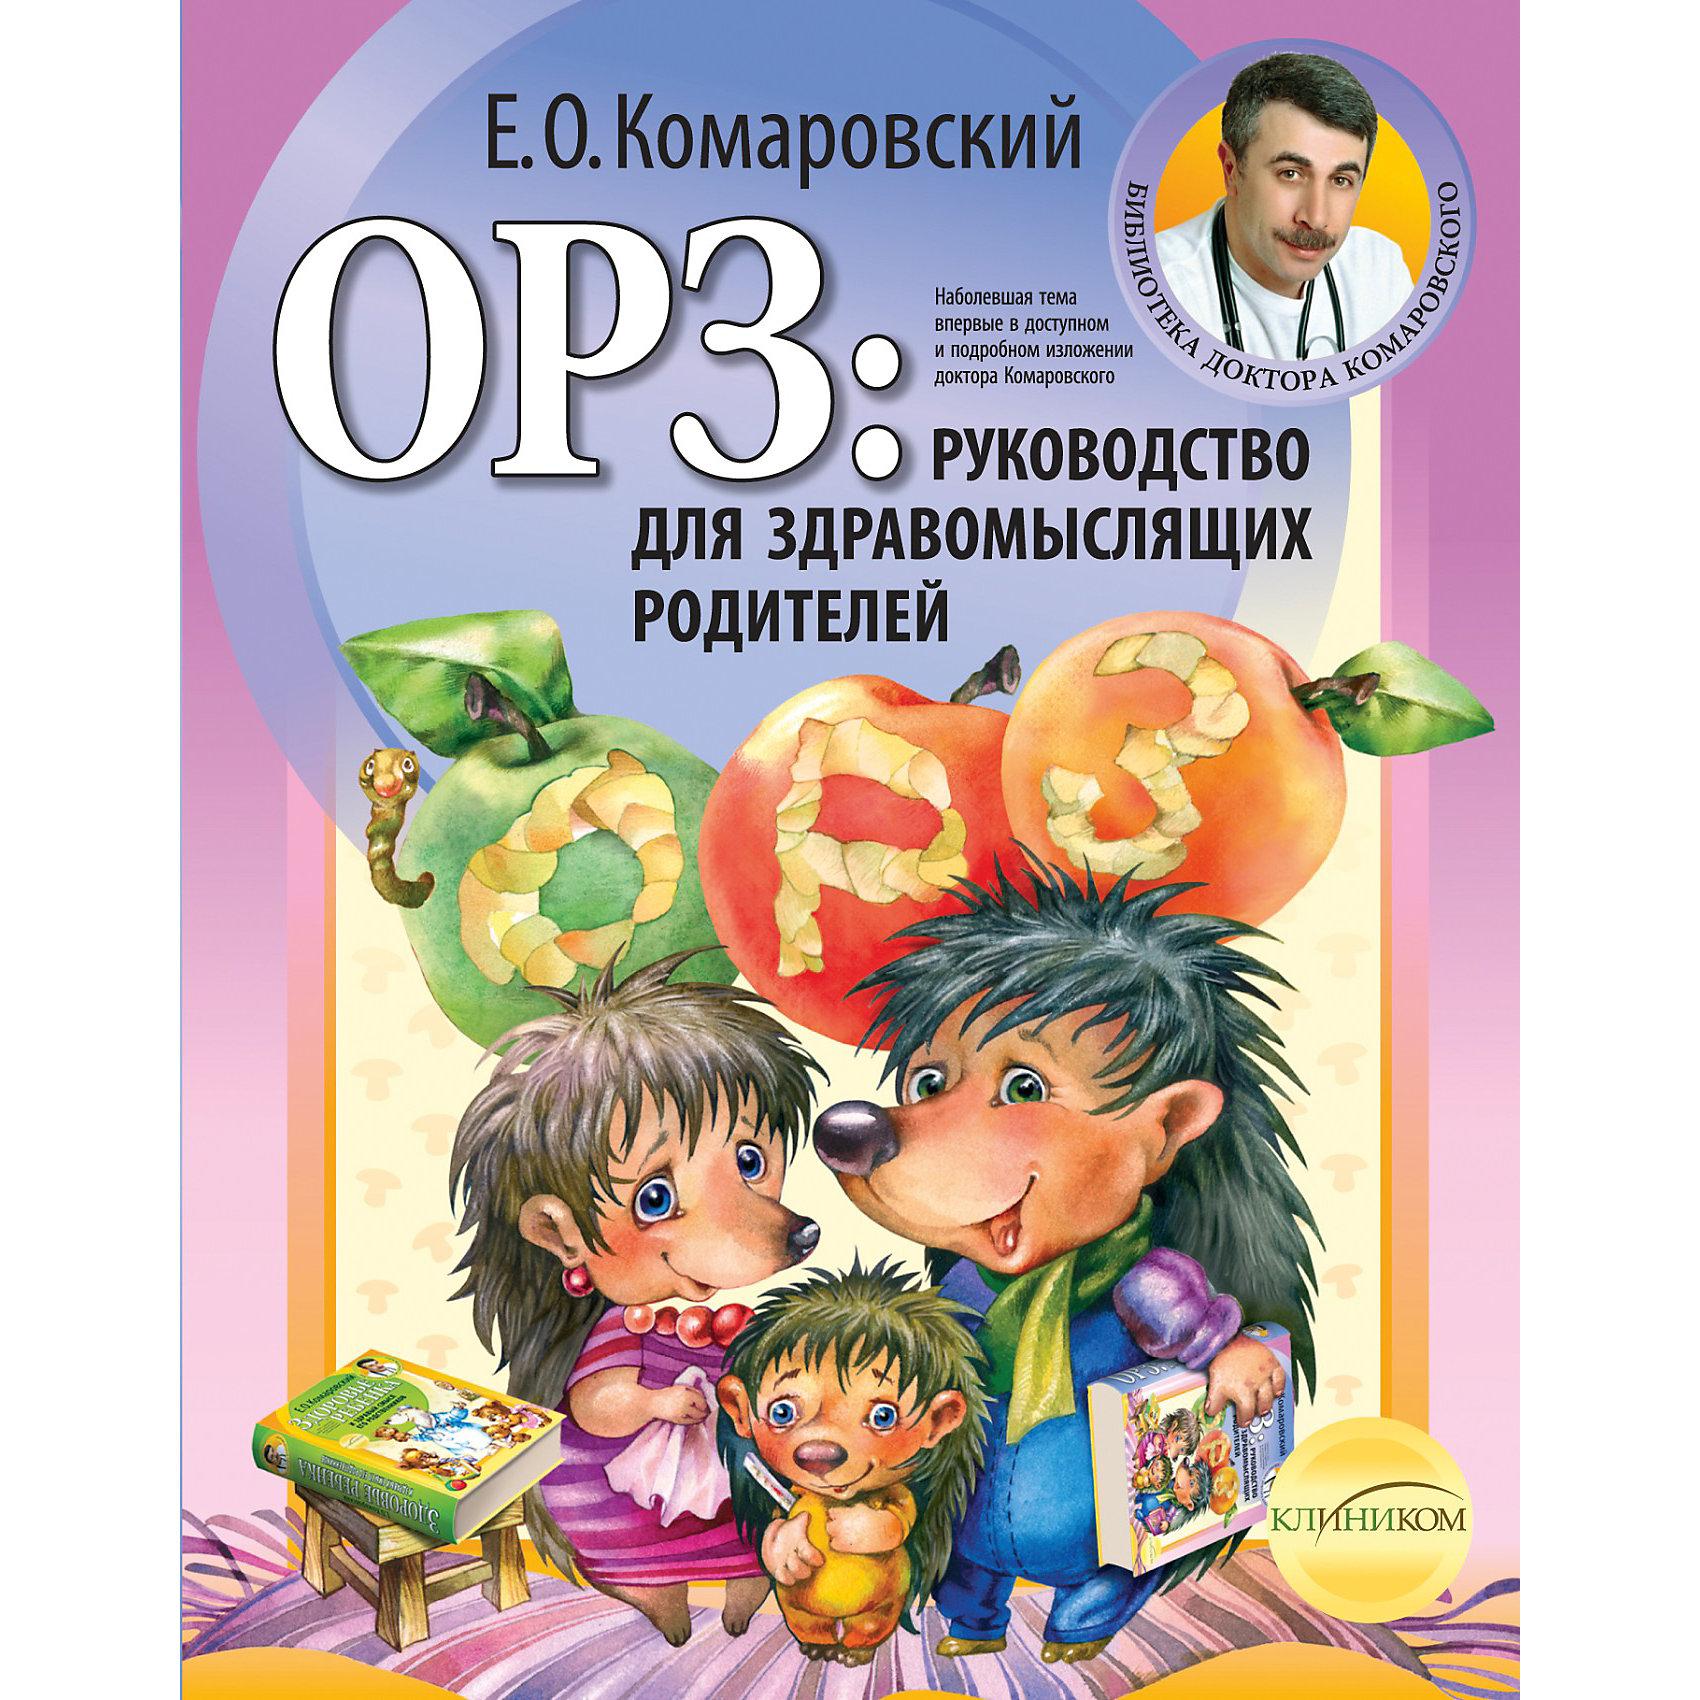 ОРЗ: руководство для здравомыслящих родителей, Е.О. Комаровский